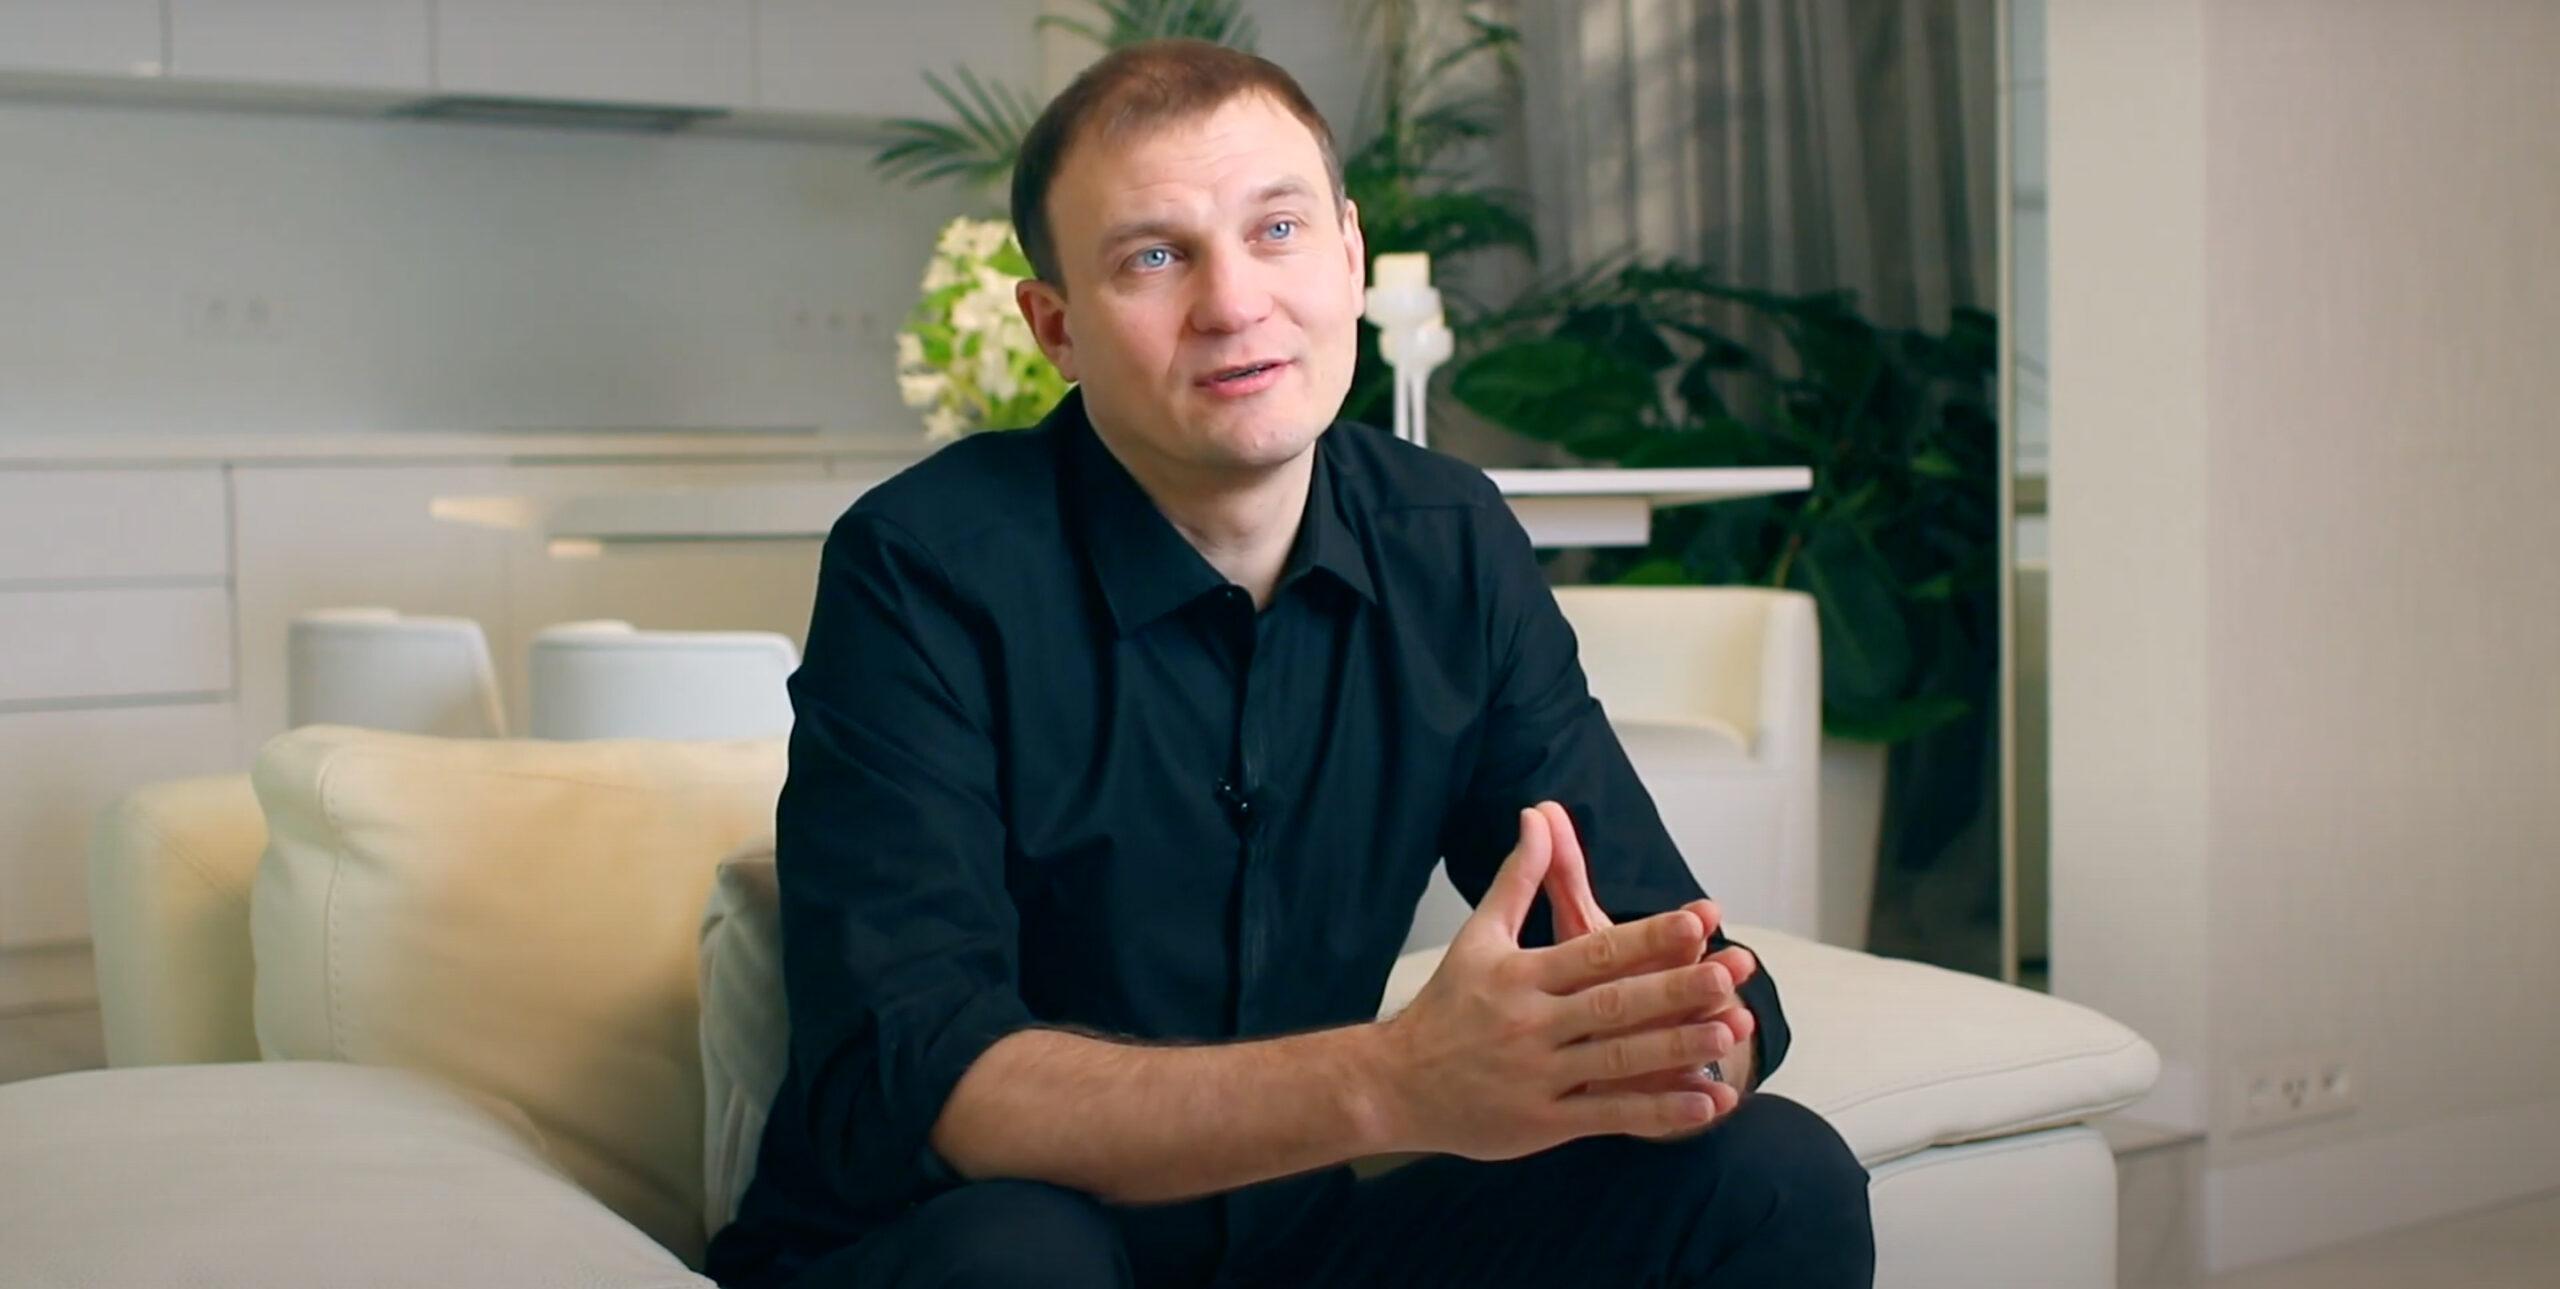 КОНСТАНТИН ЛАШКЕВИЧ   Интервью (в рамках проекта Позитивная трансформация)  